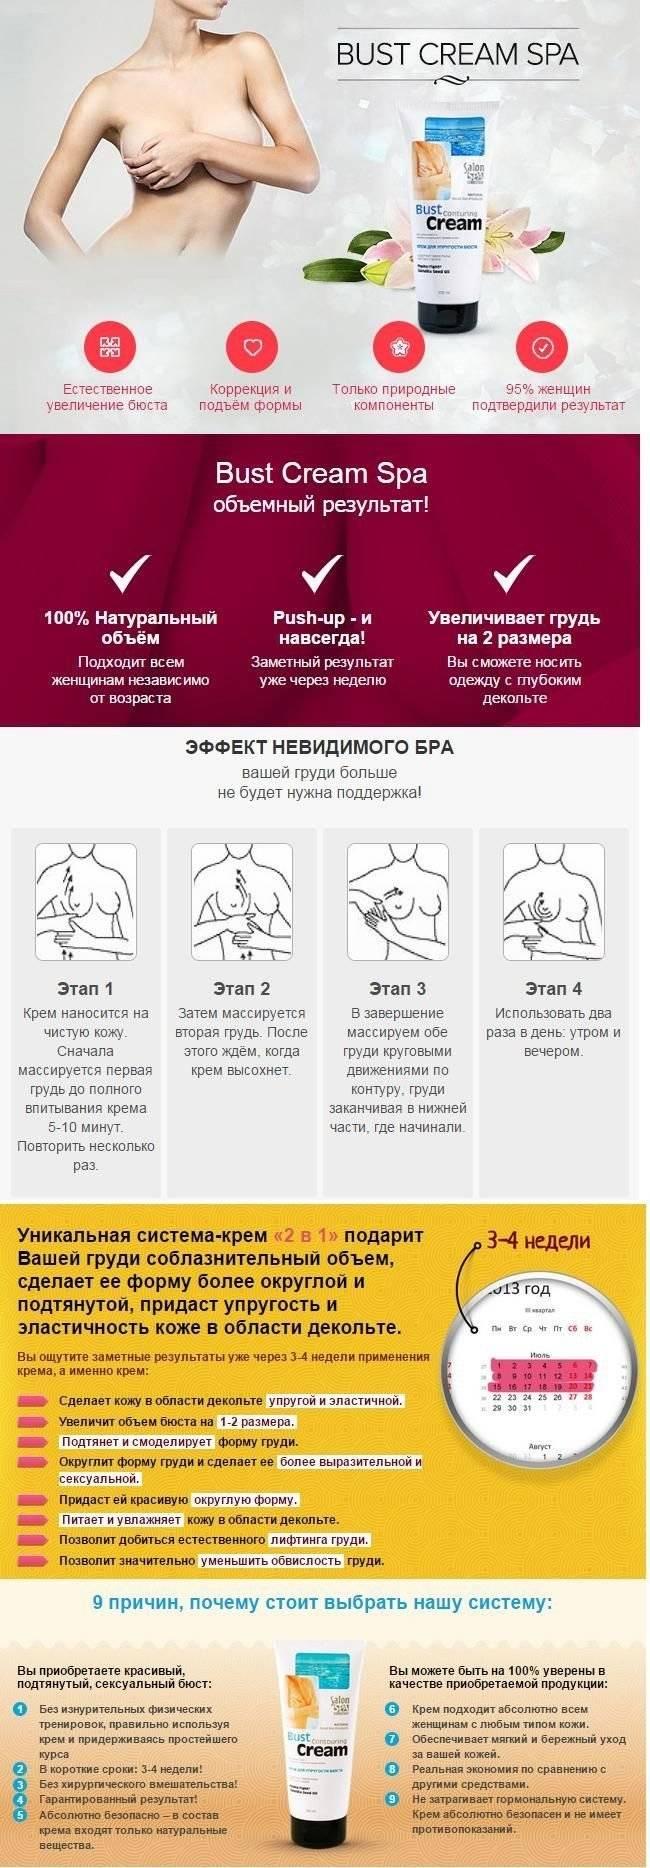 Как можно быстро сделать грудь упругой после родов в домашних условиях